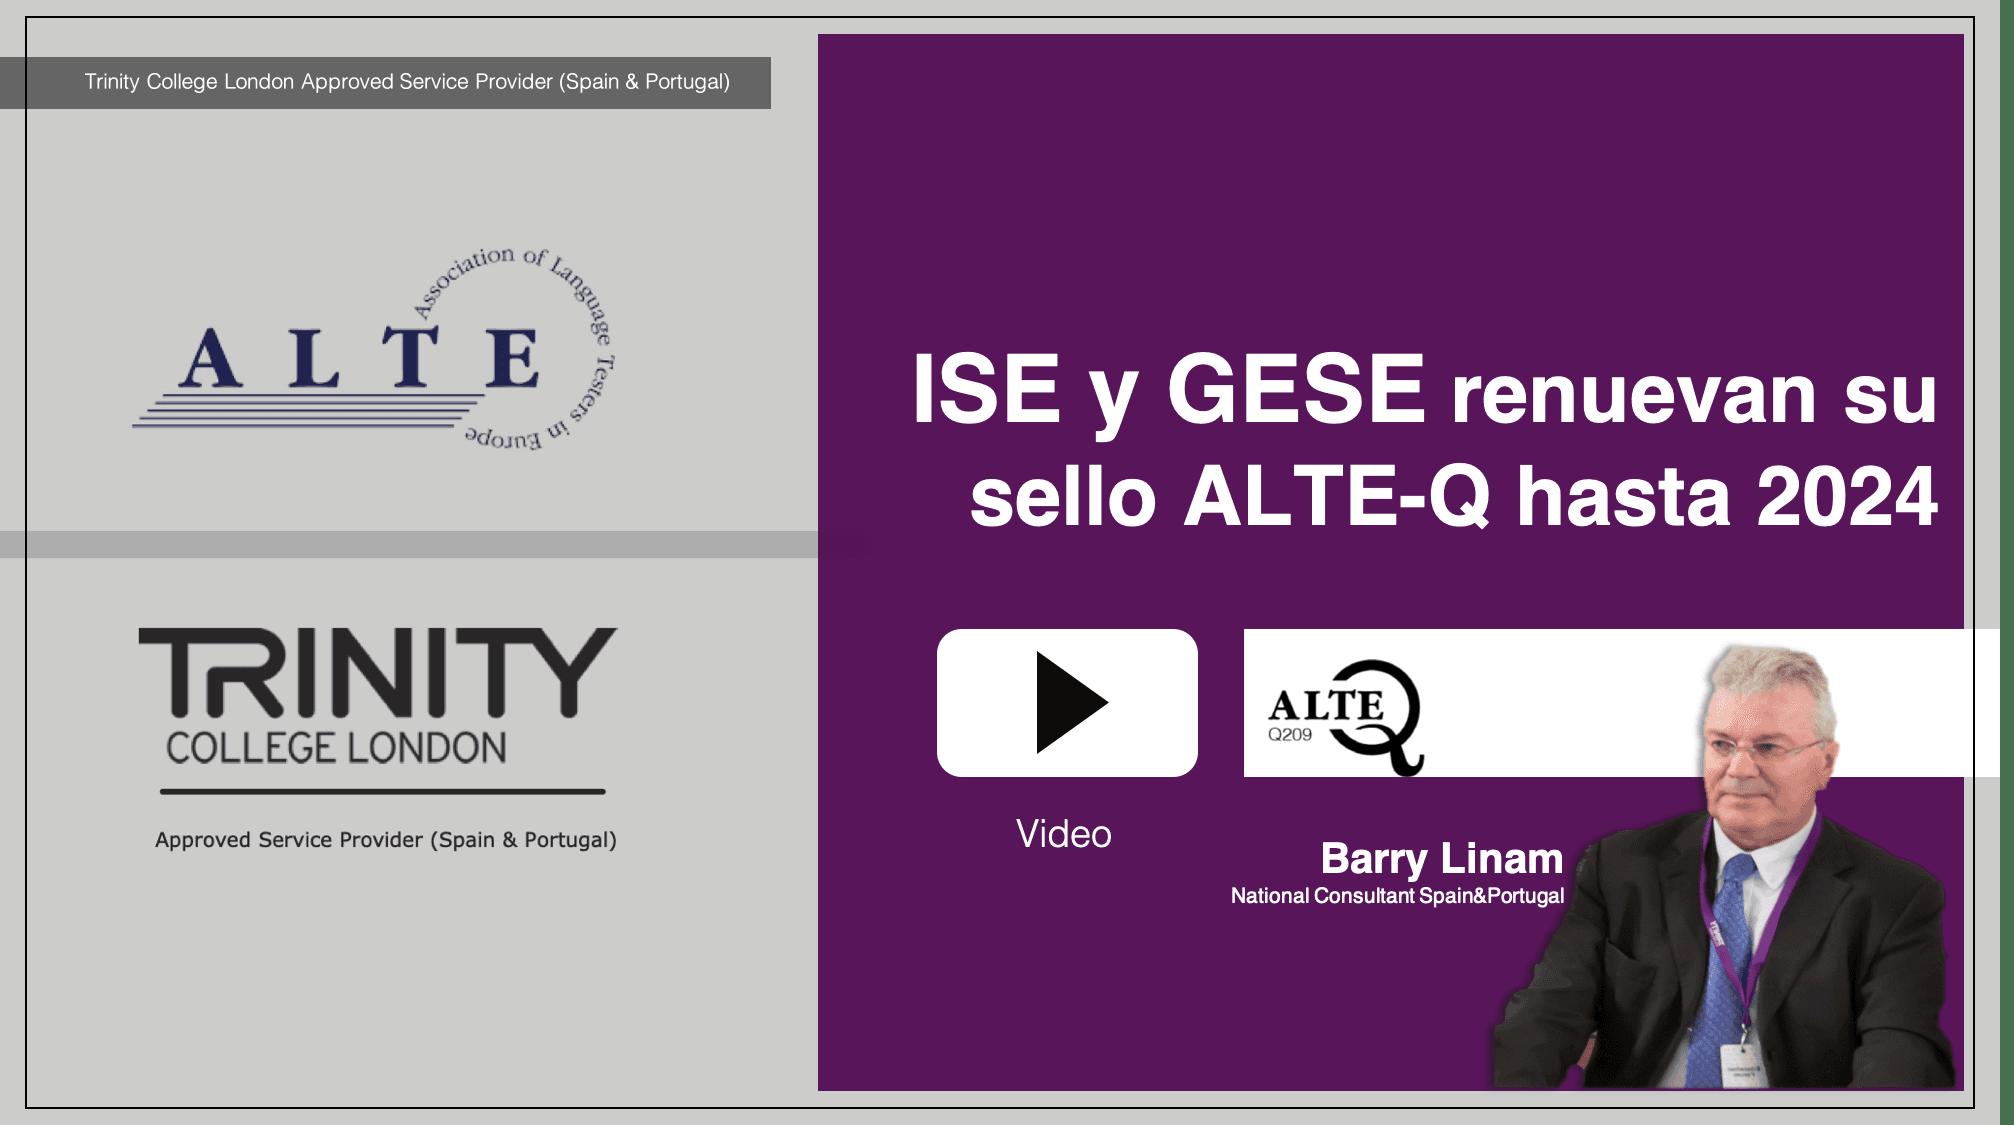 ISE y GESE renuevan su sello ALTE-Q hasta 2024